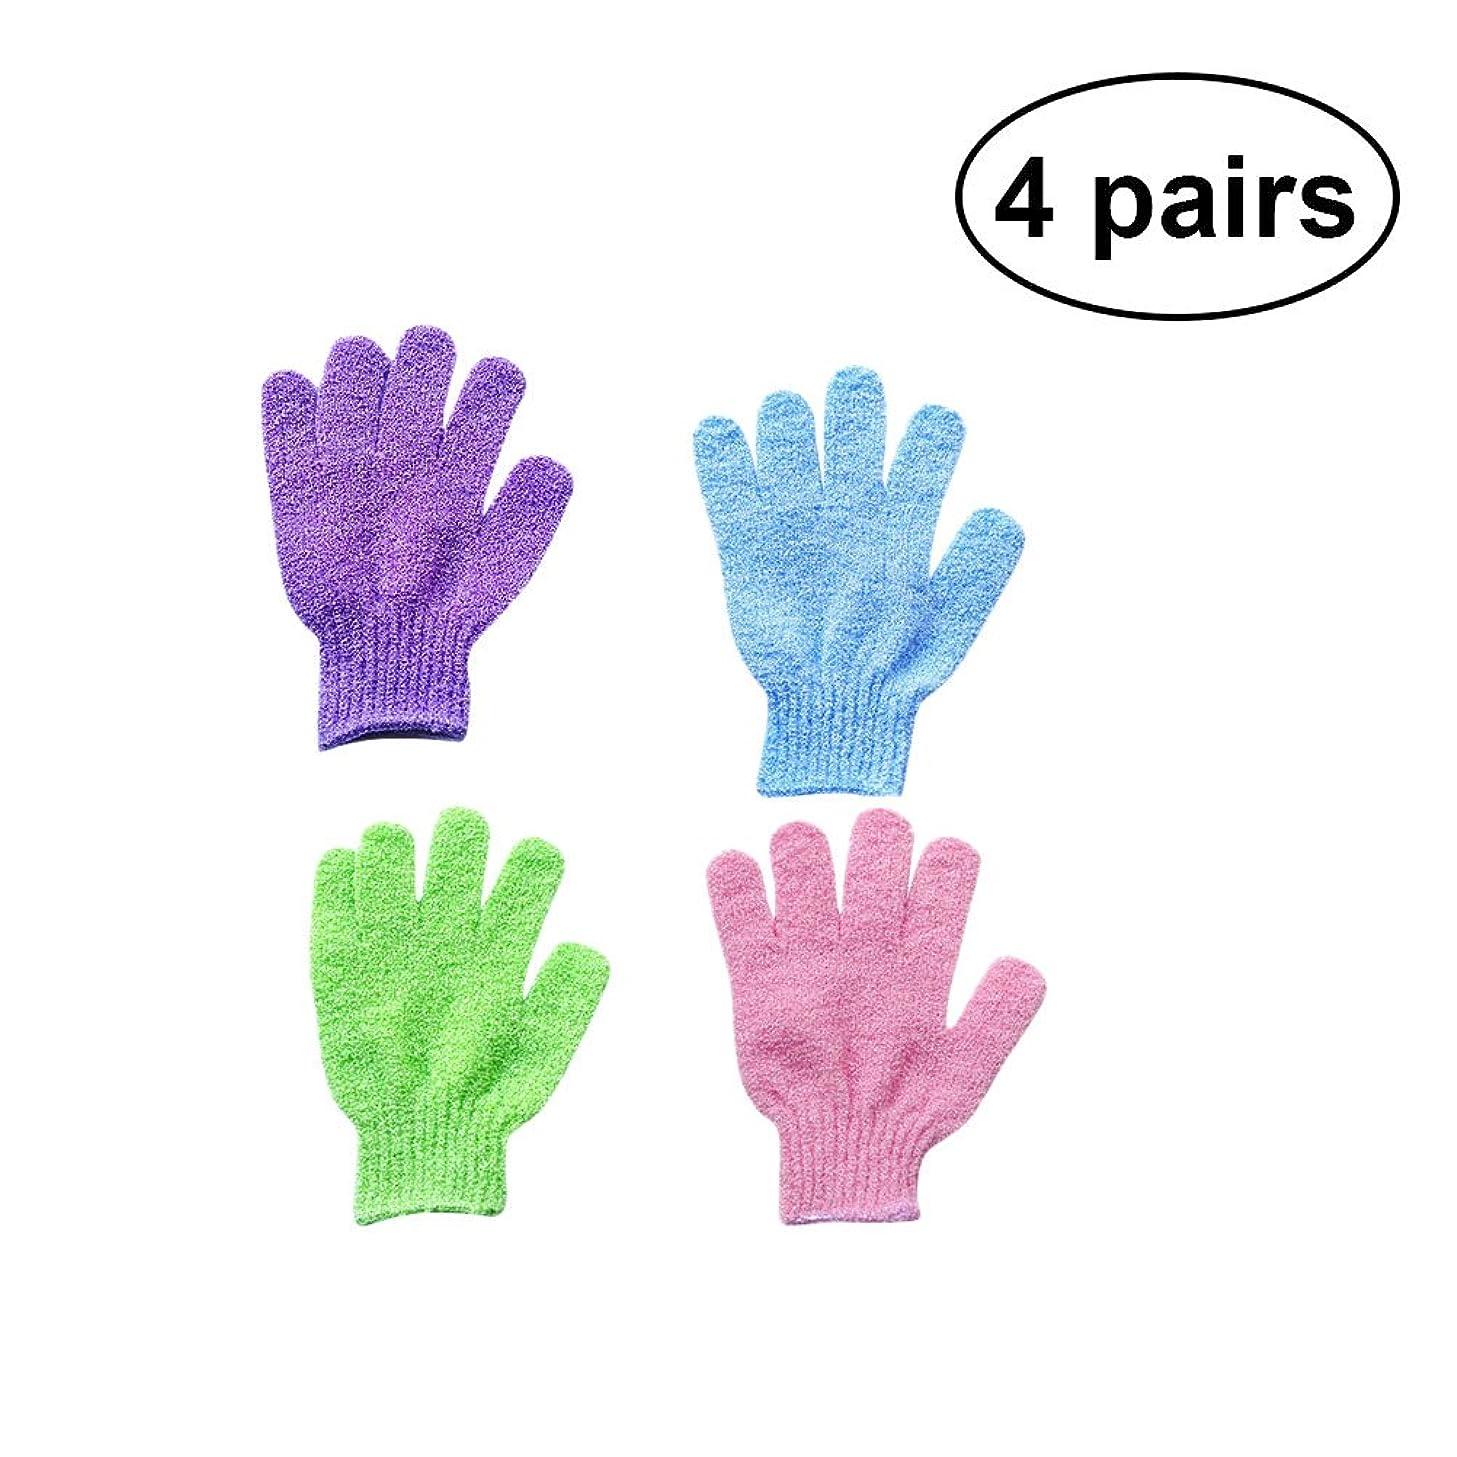 憲法公演万一に備えてHealifty 4 Pairs Exfoliating Bath Gloves Shower Mitts Exfoliating Body Spa Massage Dead Skin Cell Remover